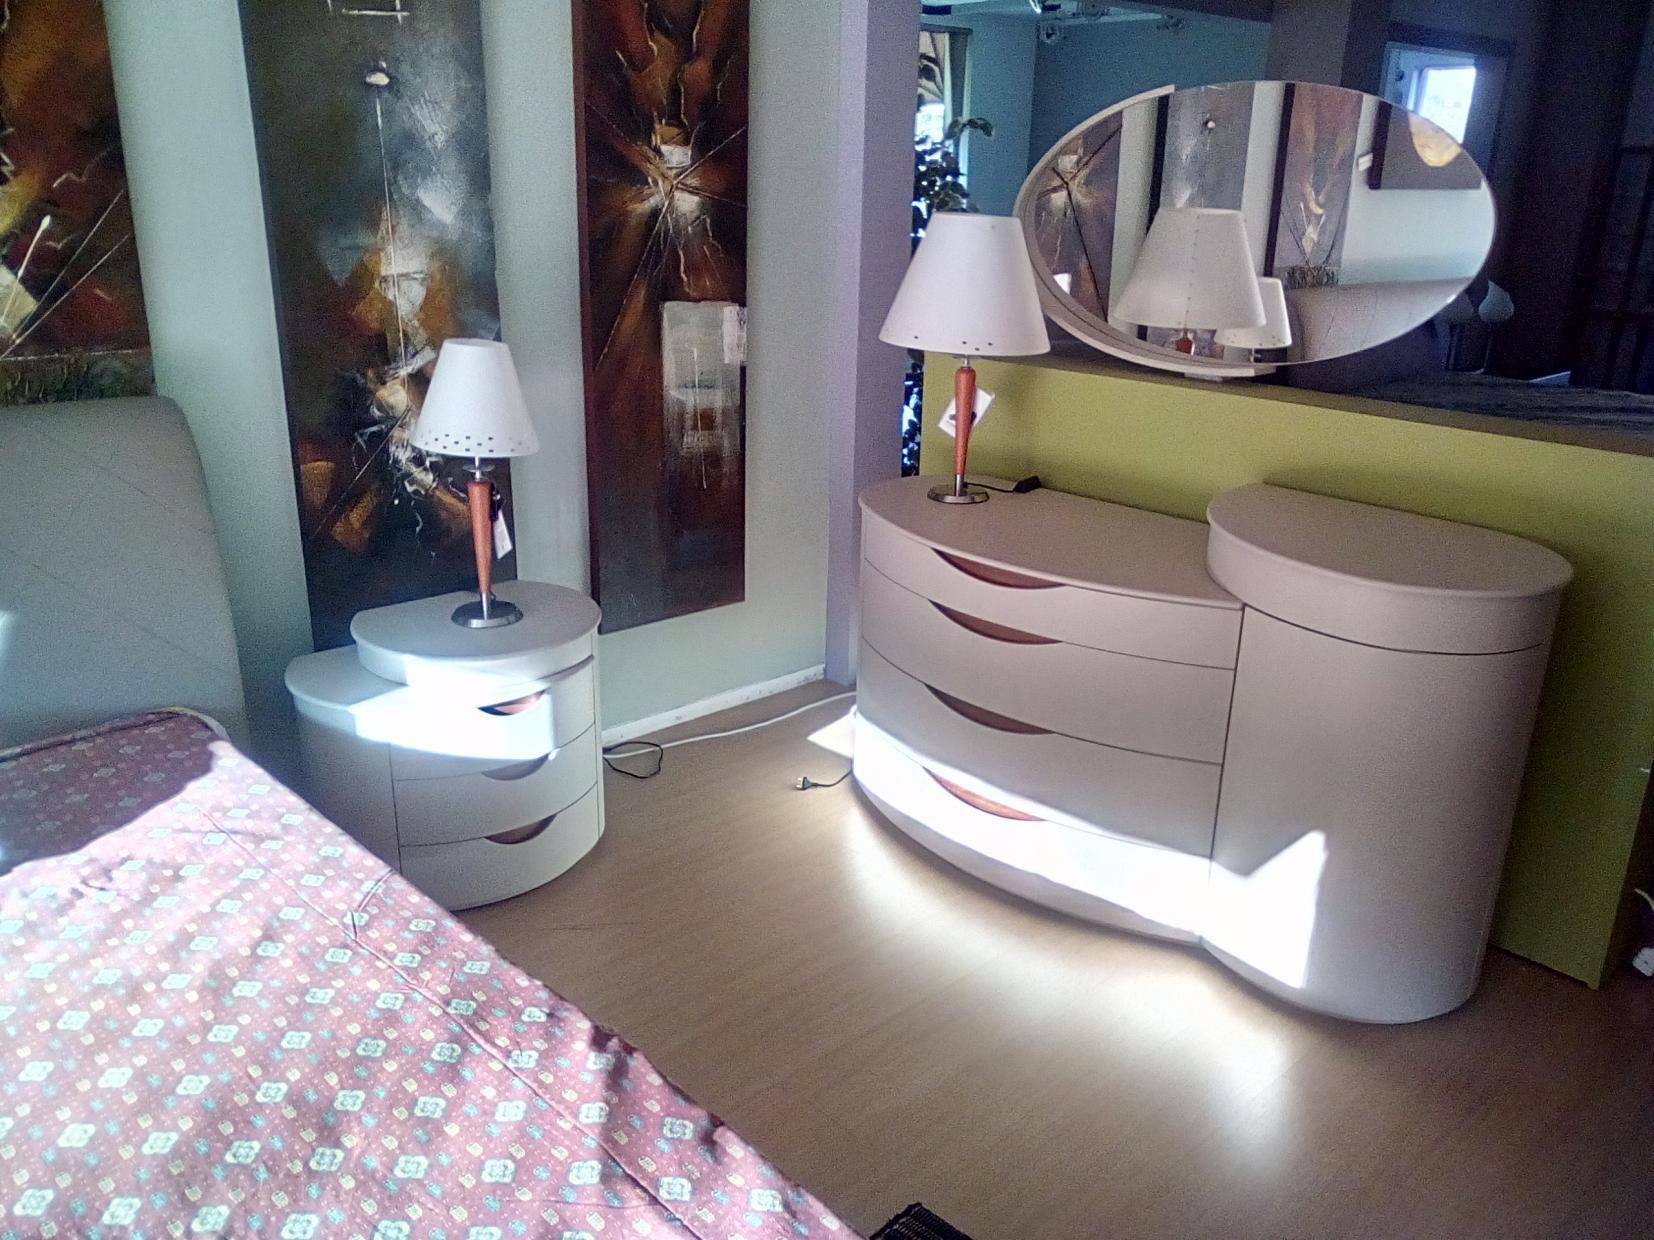 Camera da letto FAZZINI MOD. MARILYN GLAMOUR – Cardosi ...